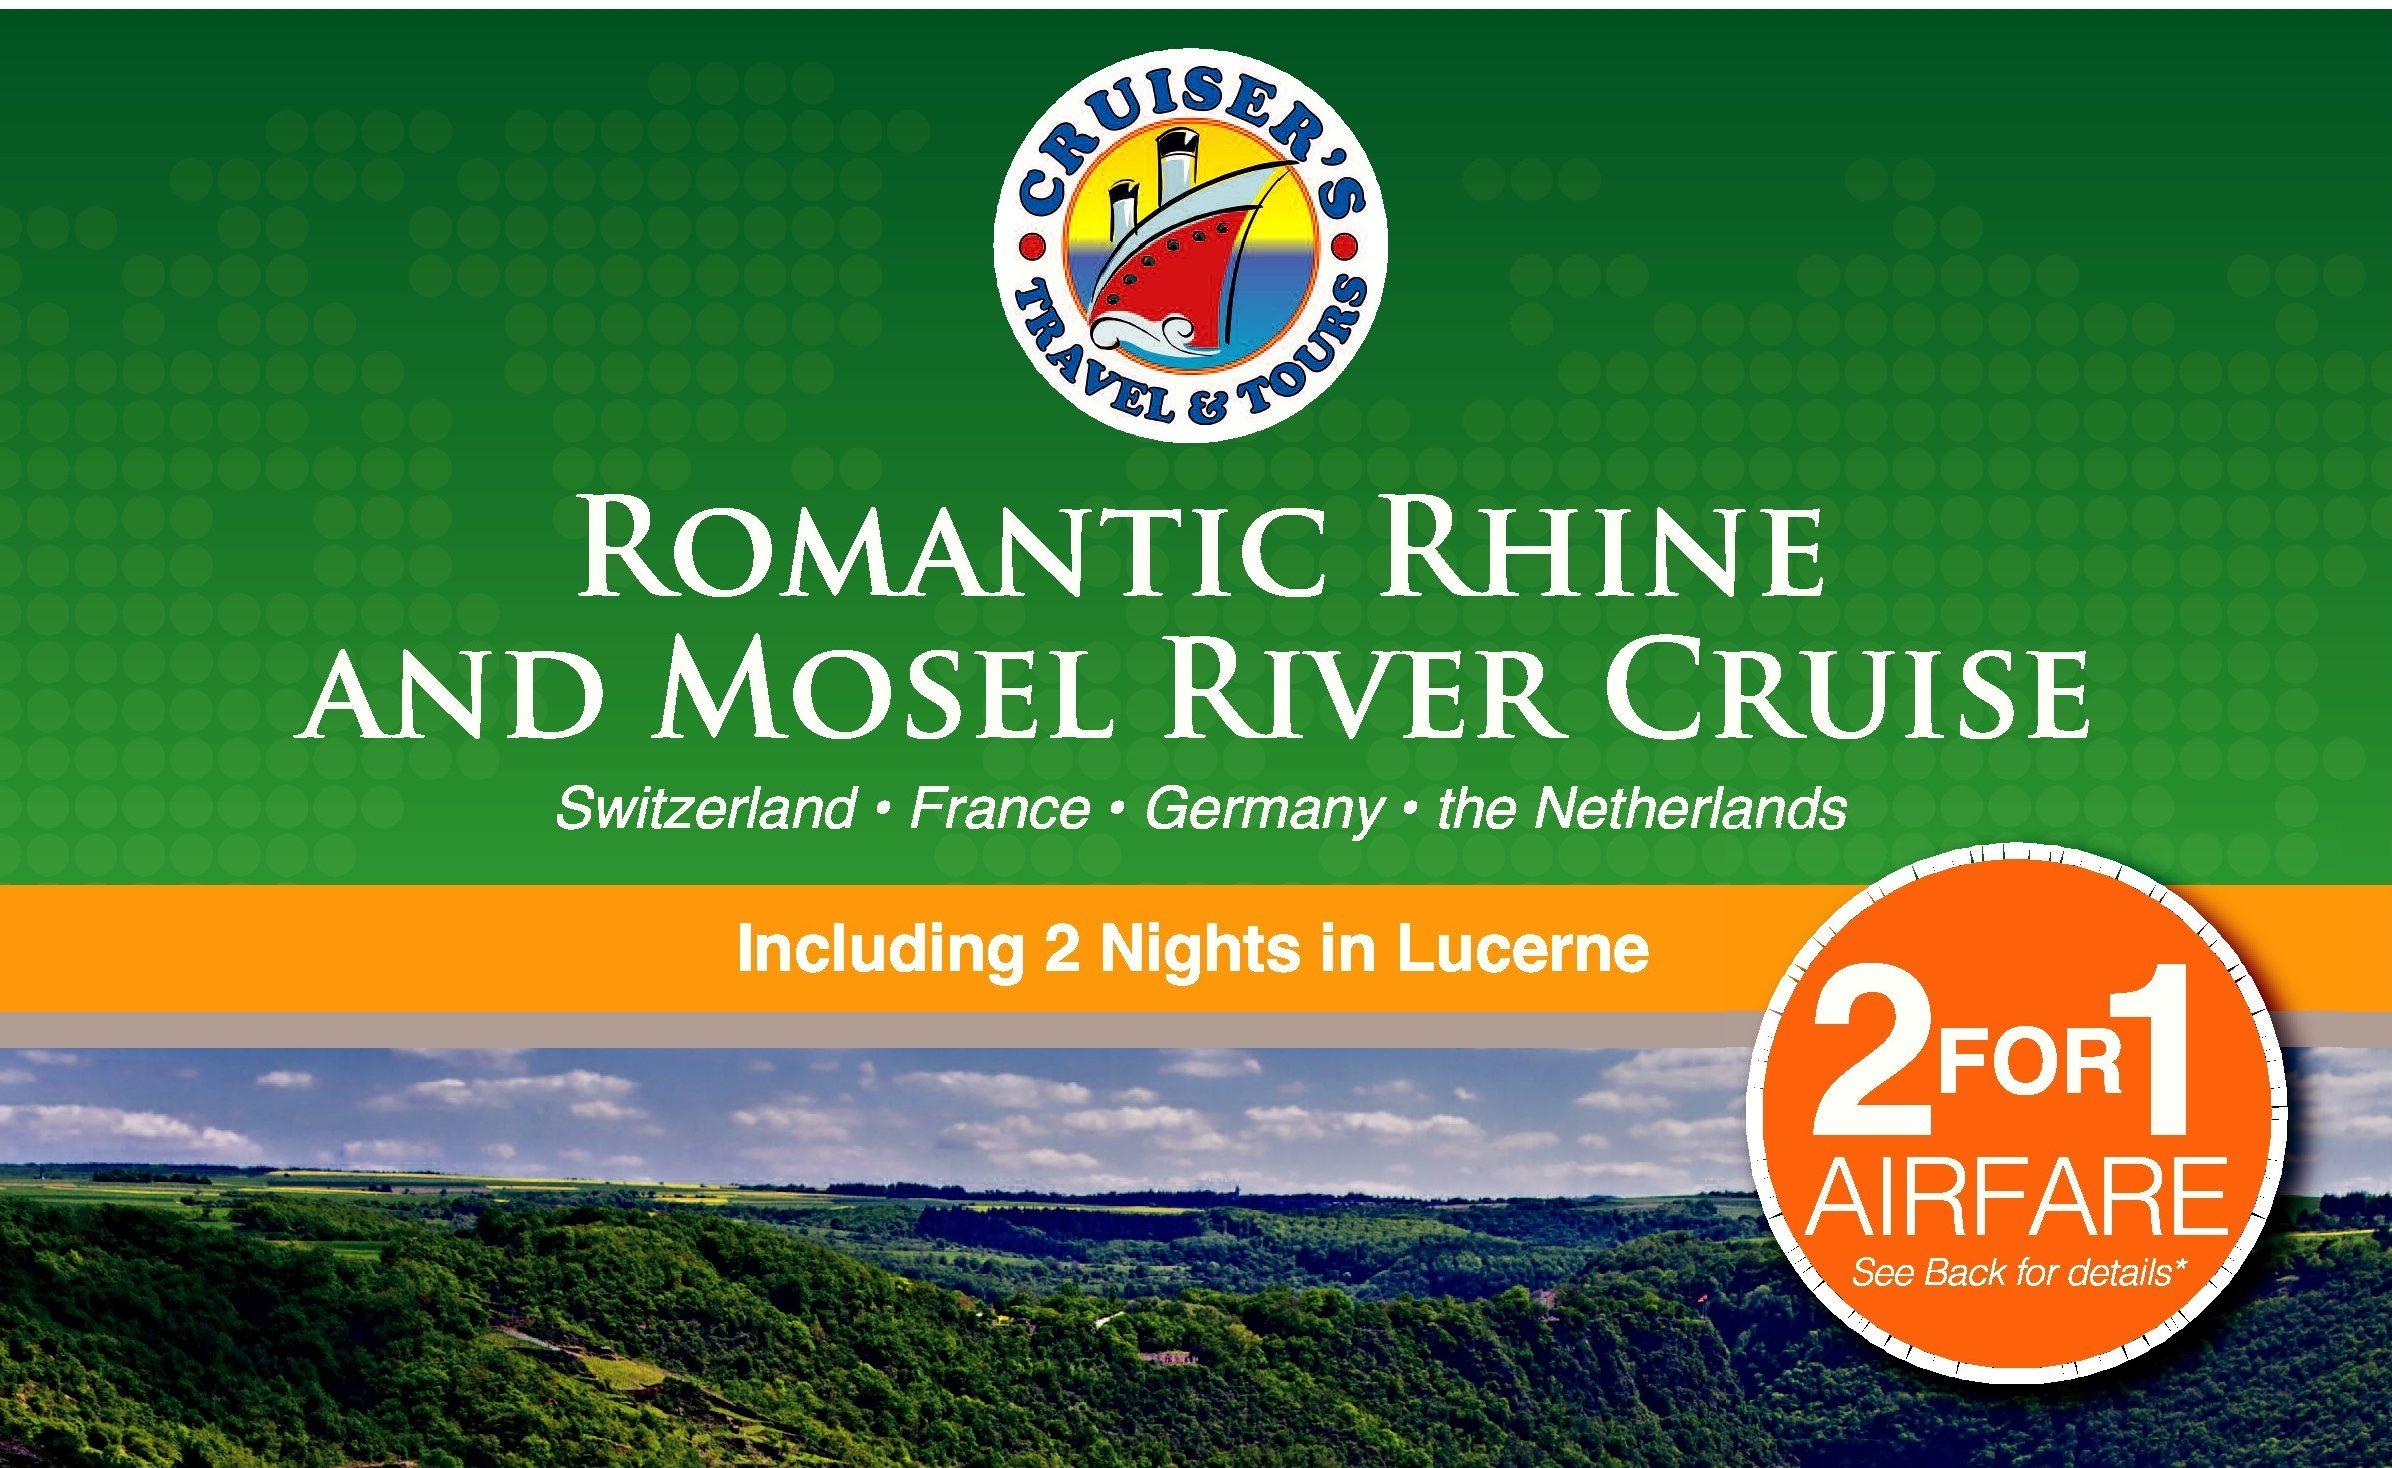 1173996-romantic-rhine-luc-ams-7-5-2017-001